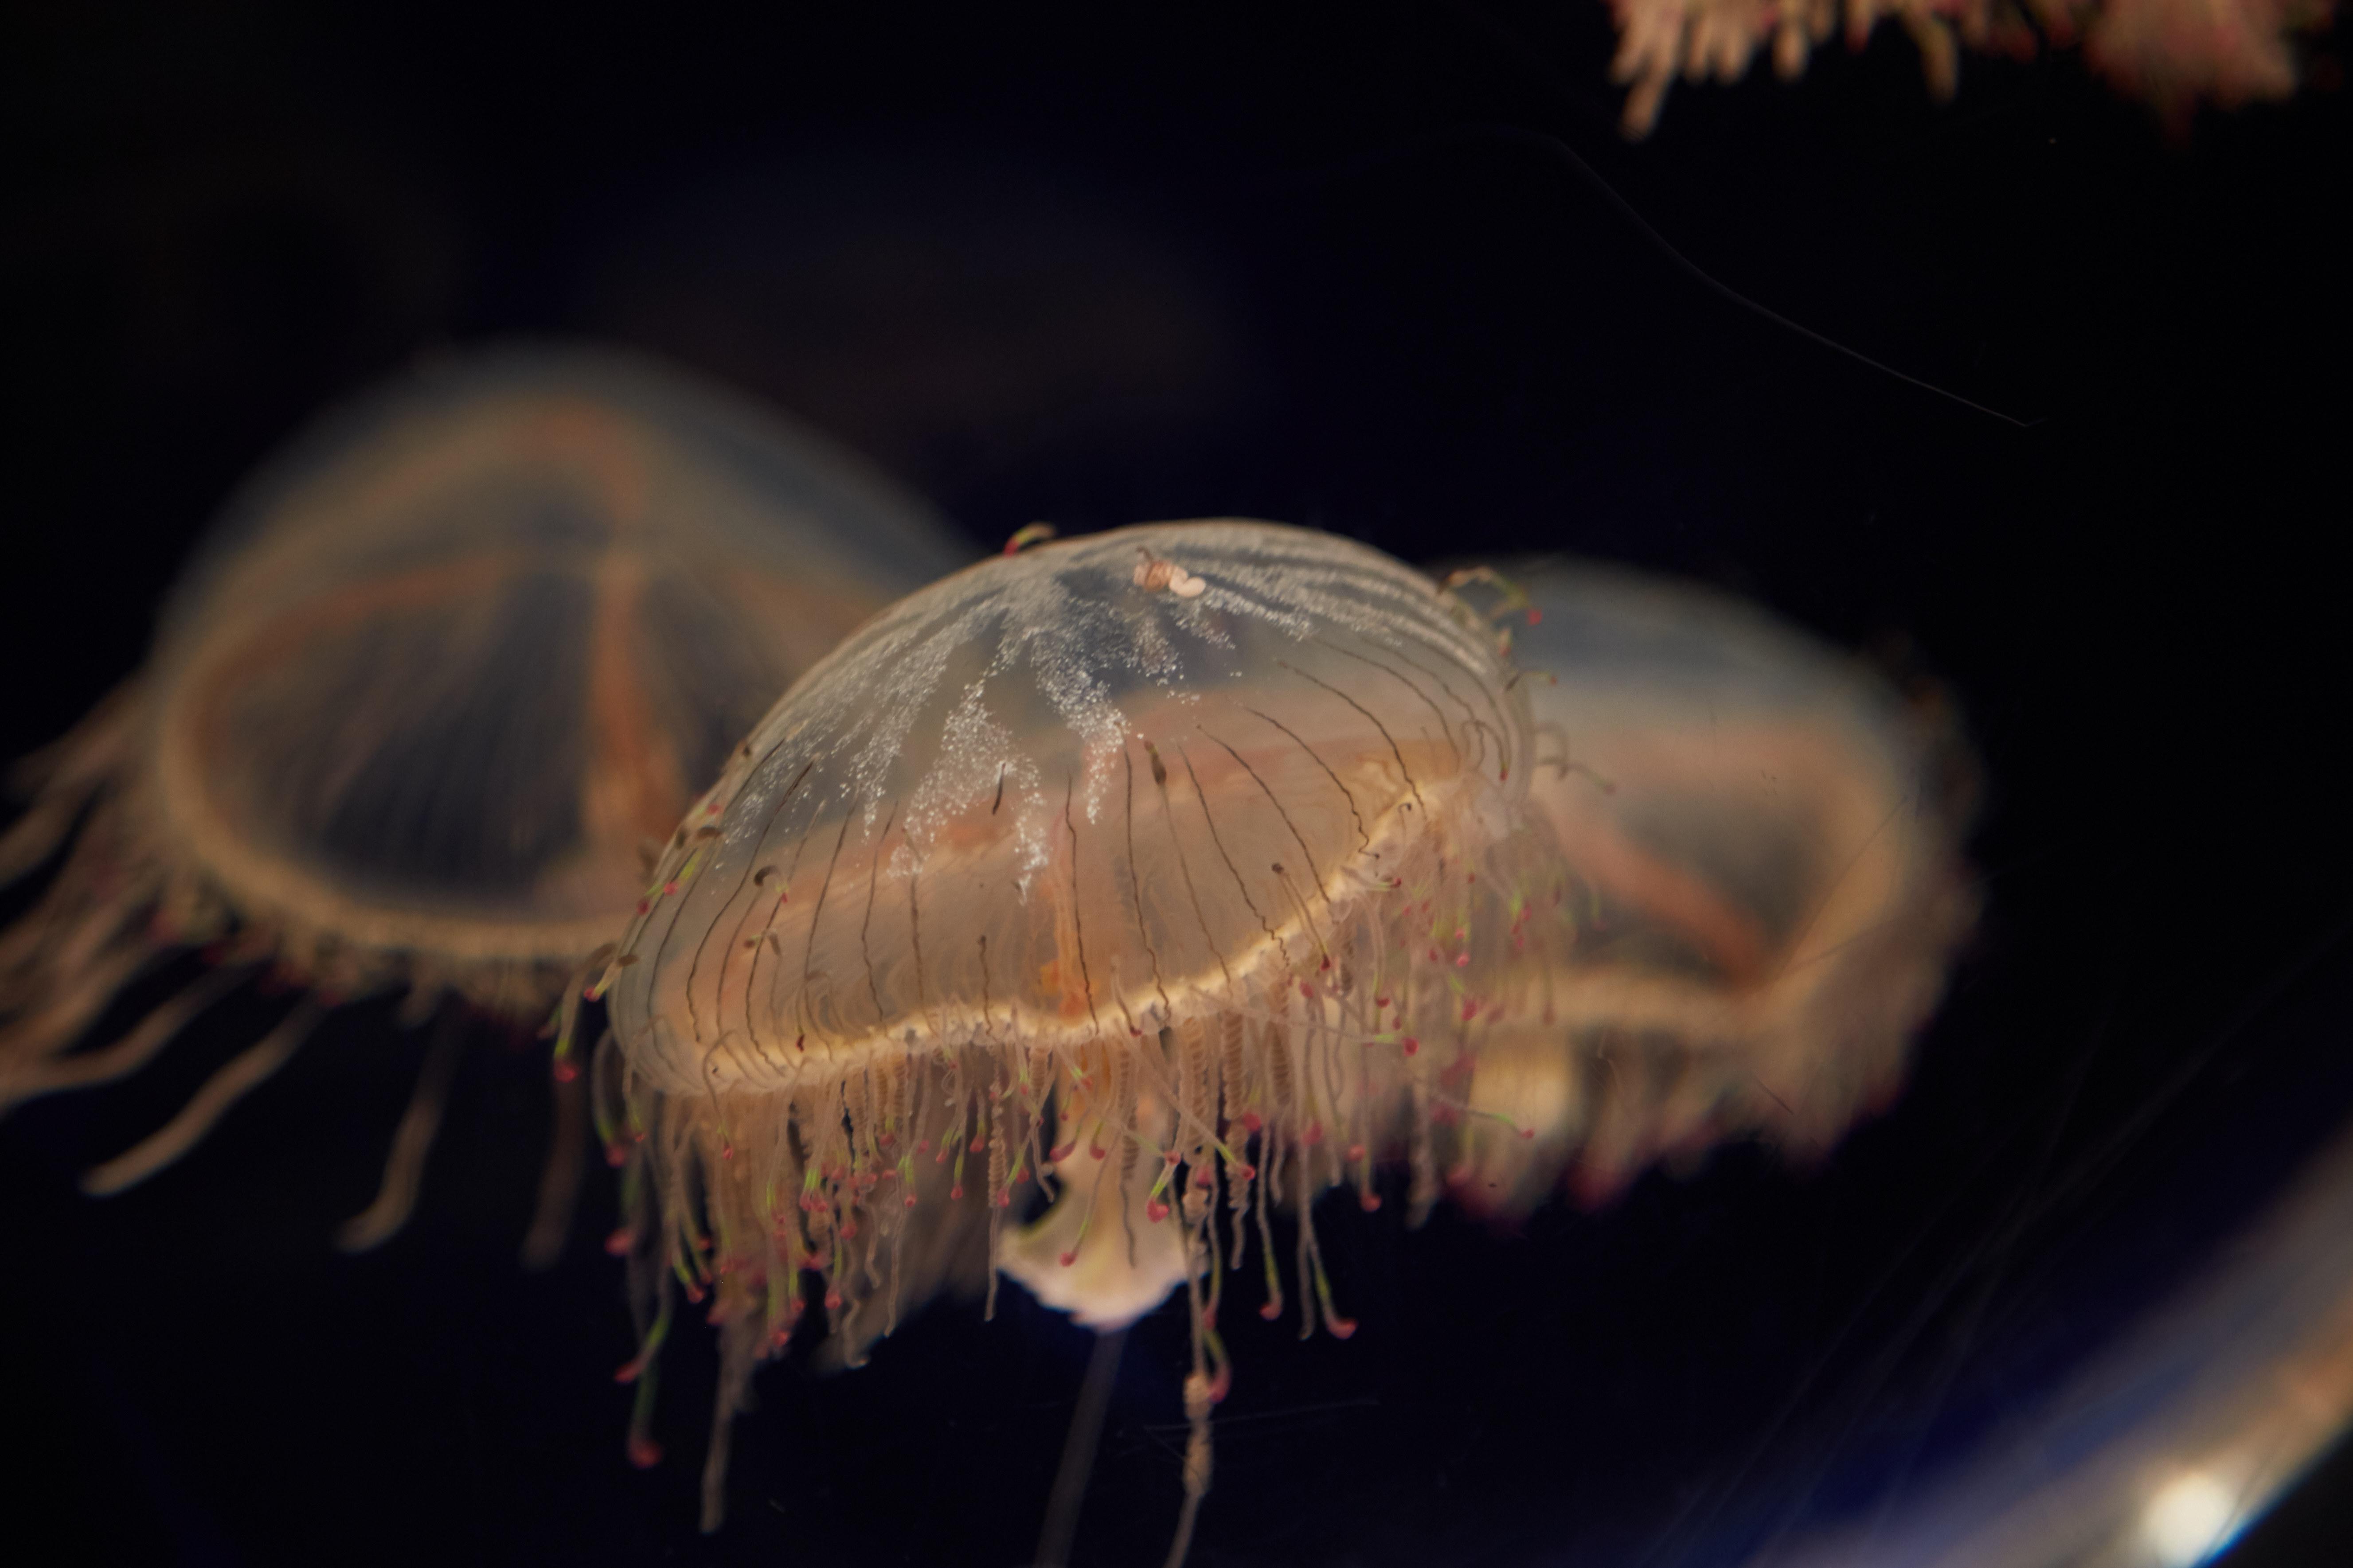 Haruki Murakami Jellyfish Ueno Zoo